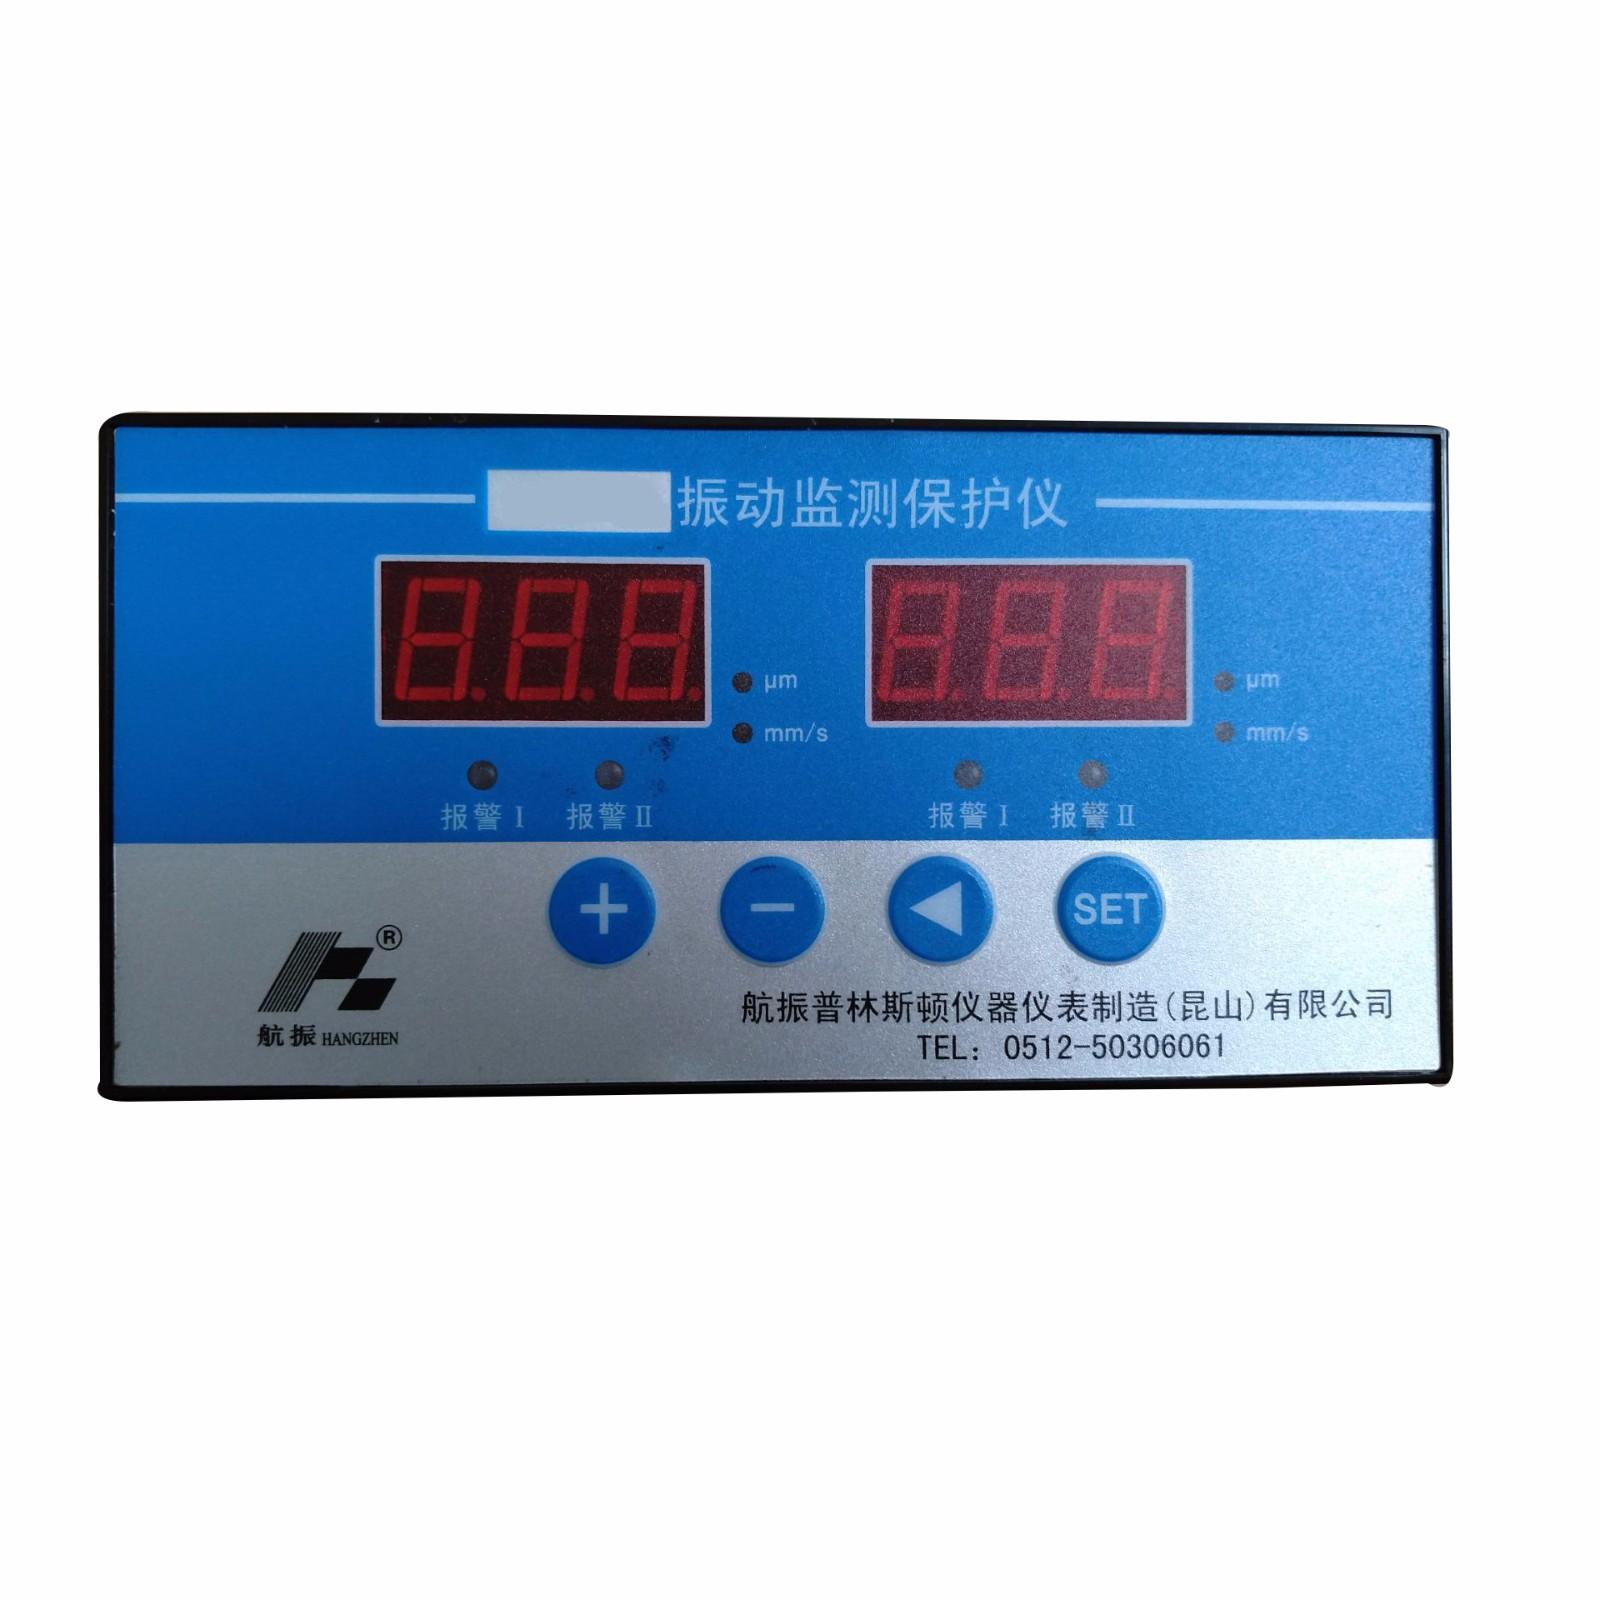 XZD-WL振动监测保护仪单个_副本.jpg